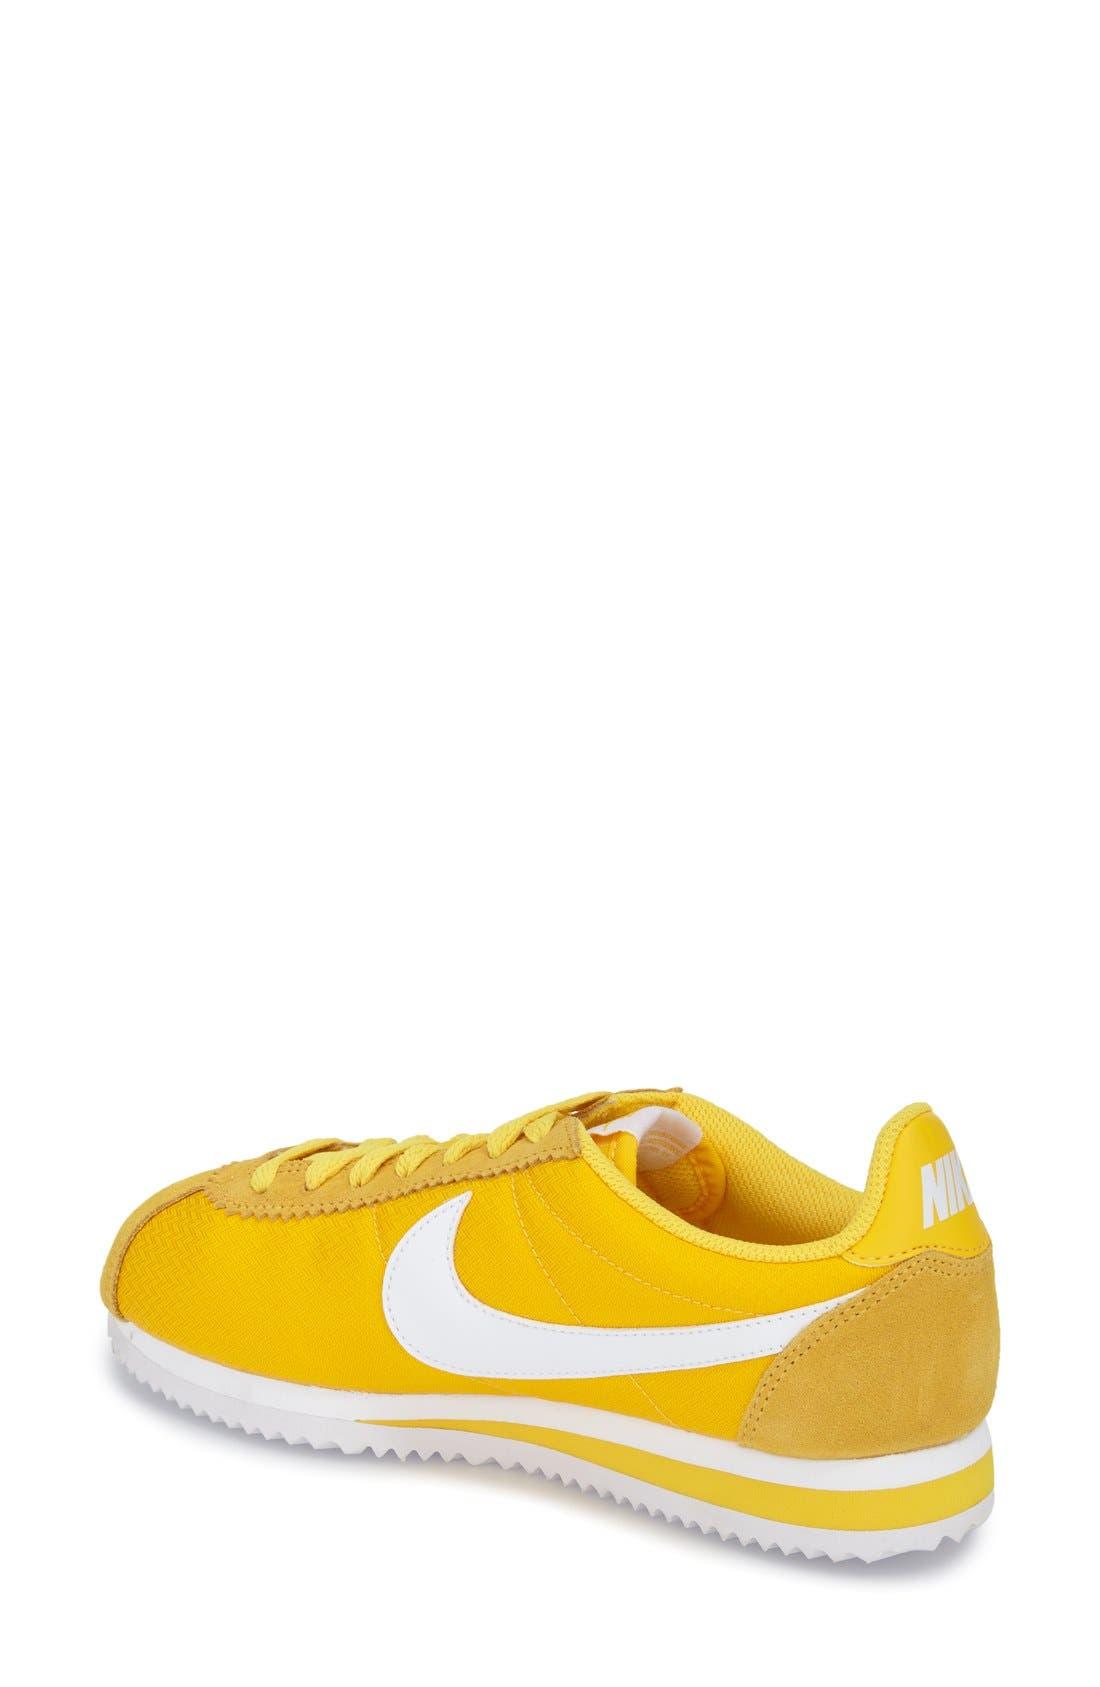 'Classic Cortez' Sneaker,                             Alternate thumbnail 10, color,